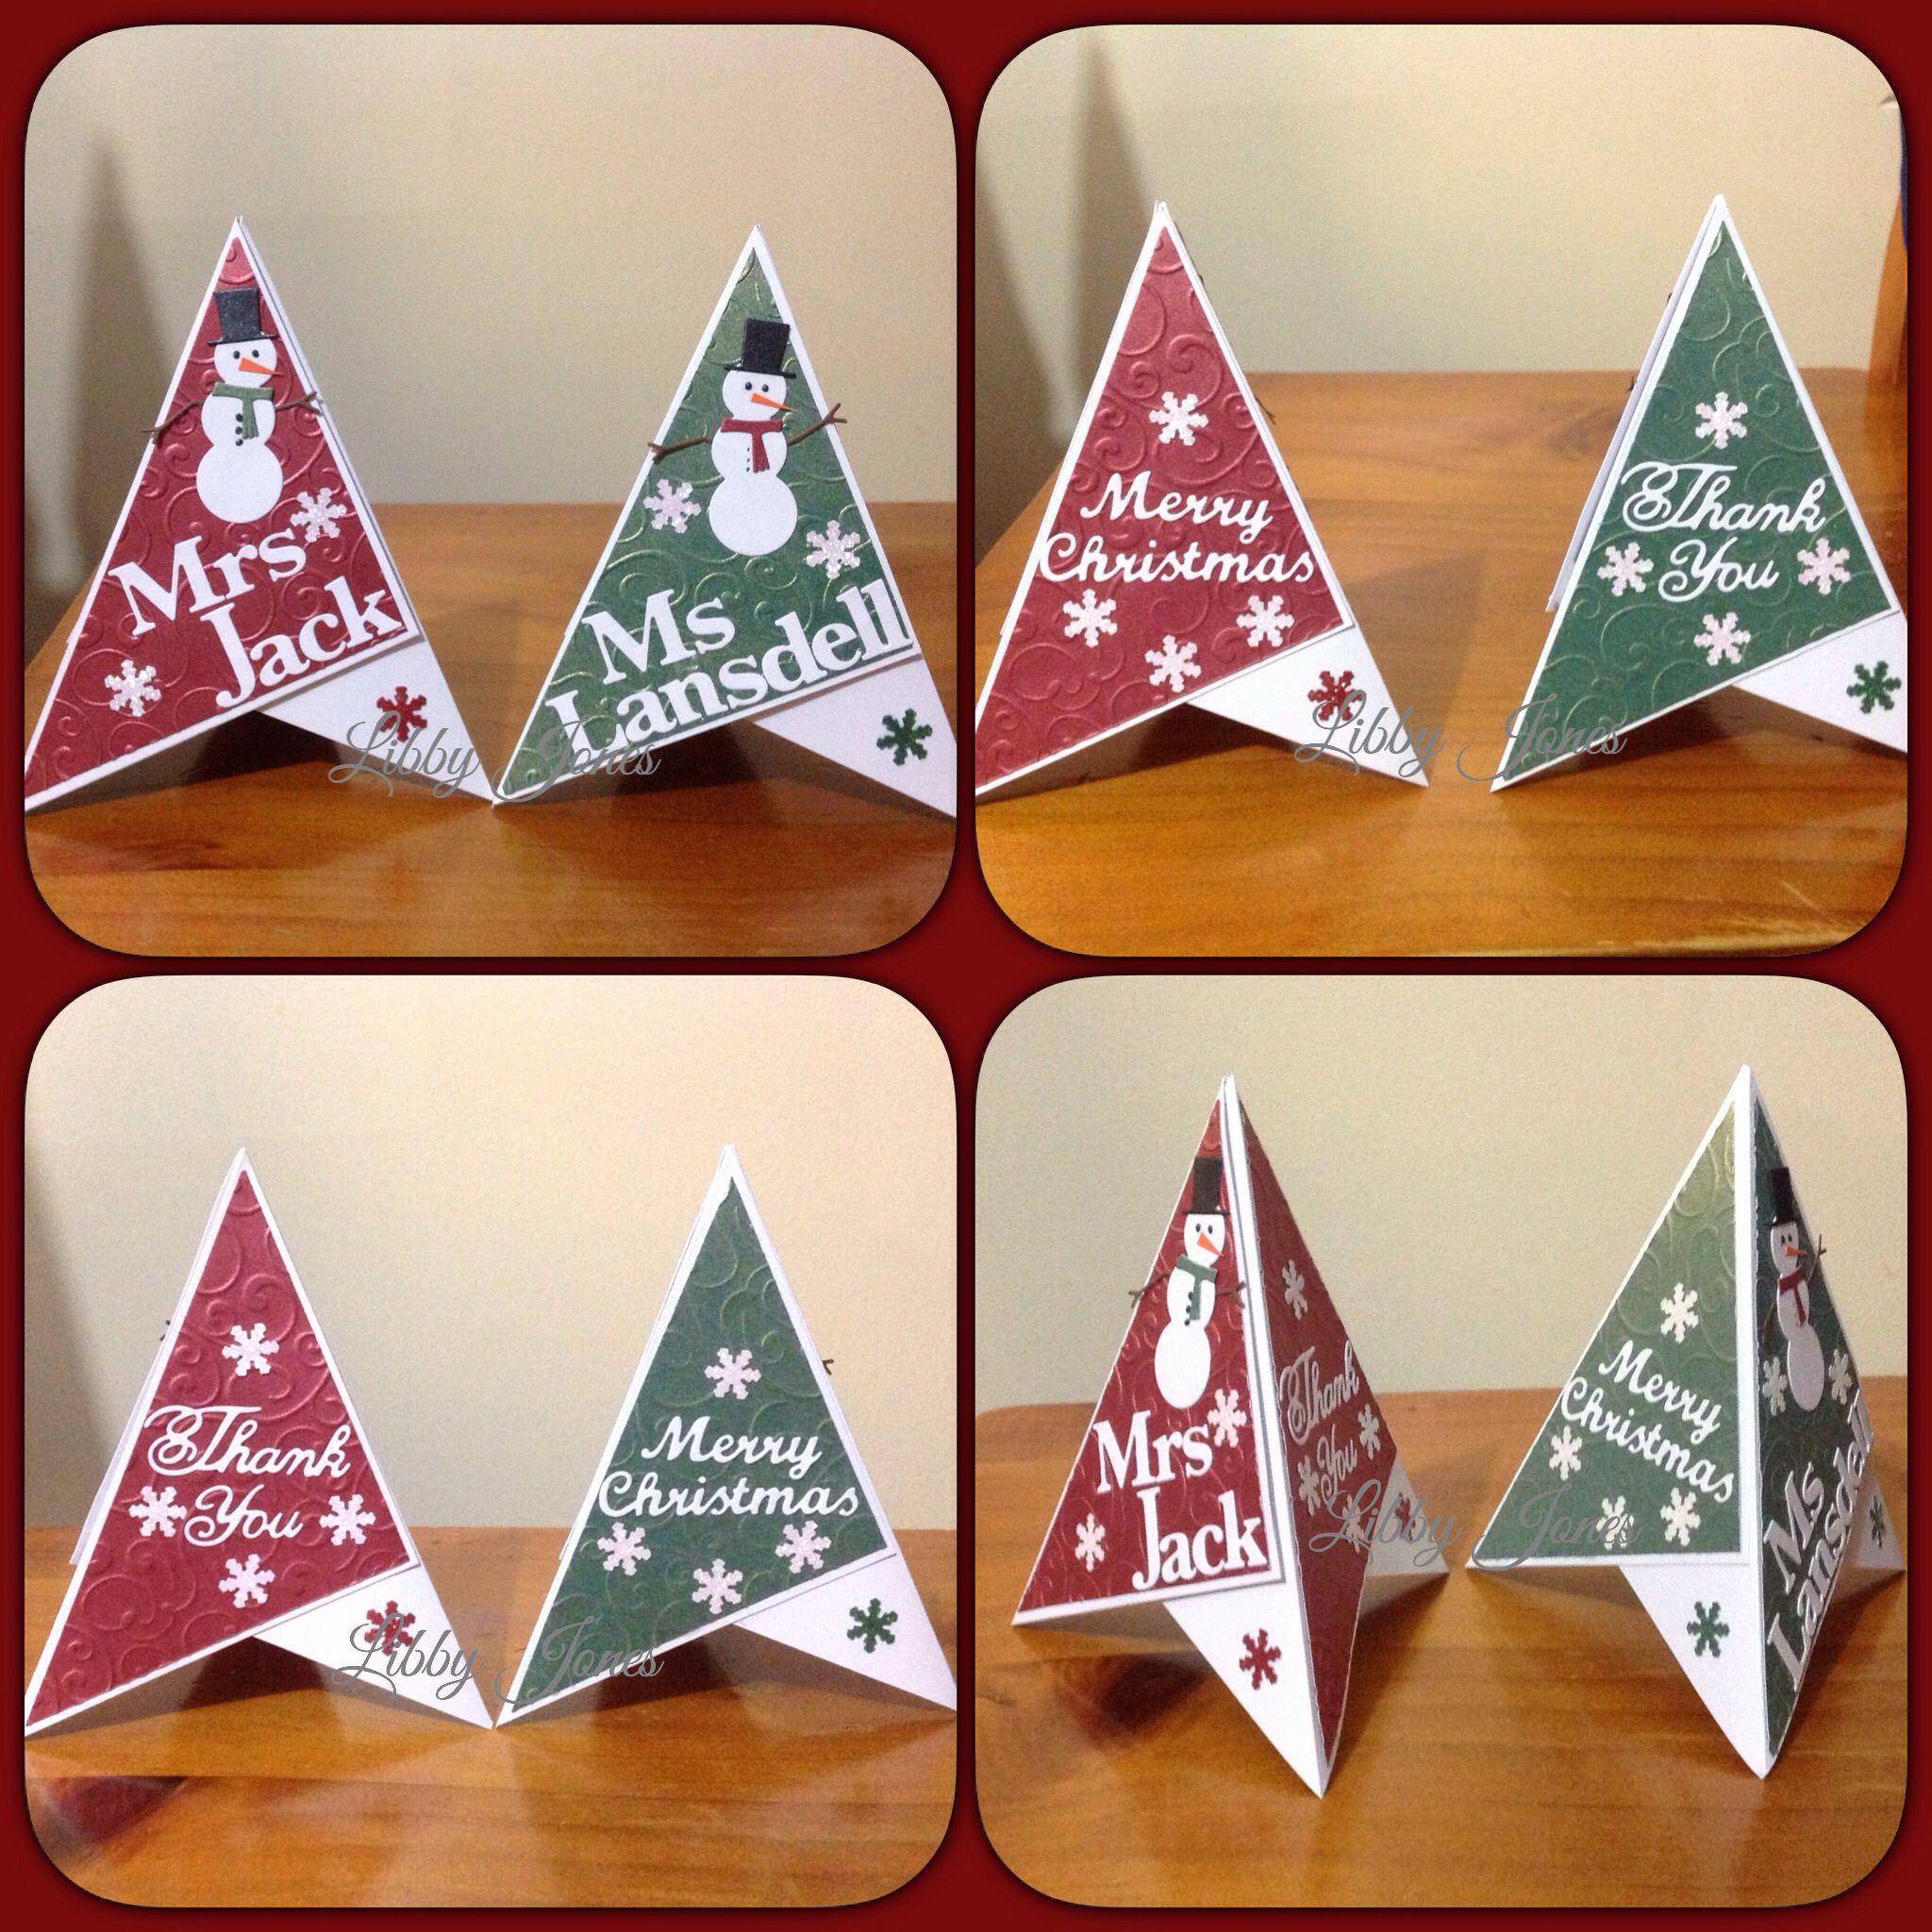 Teacher Merry Christmas Thank You Teepee Card Libjj Christmas Cards Handmade Xmas Cards Christmas Cards